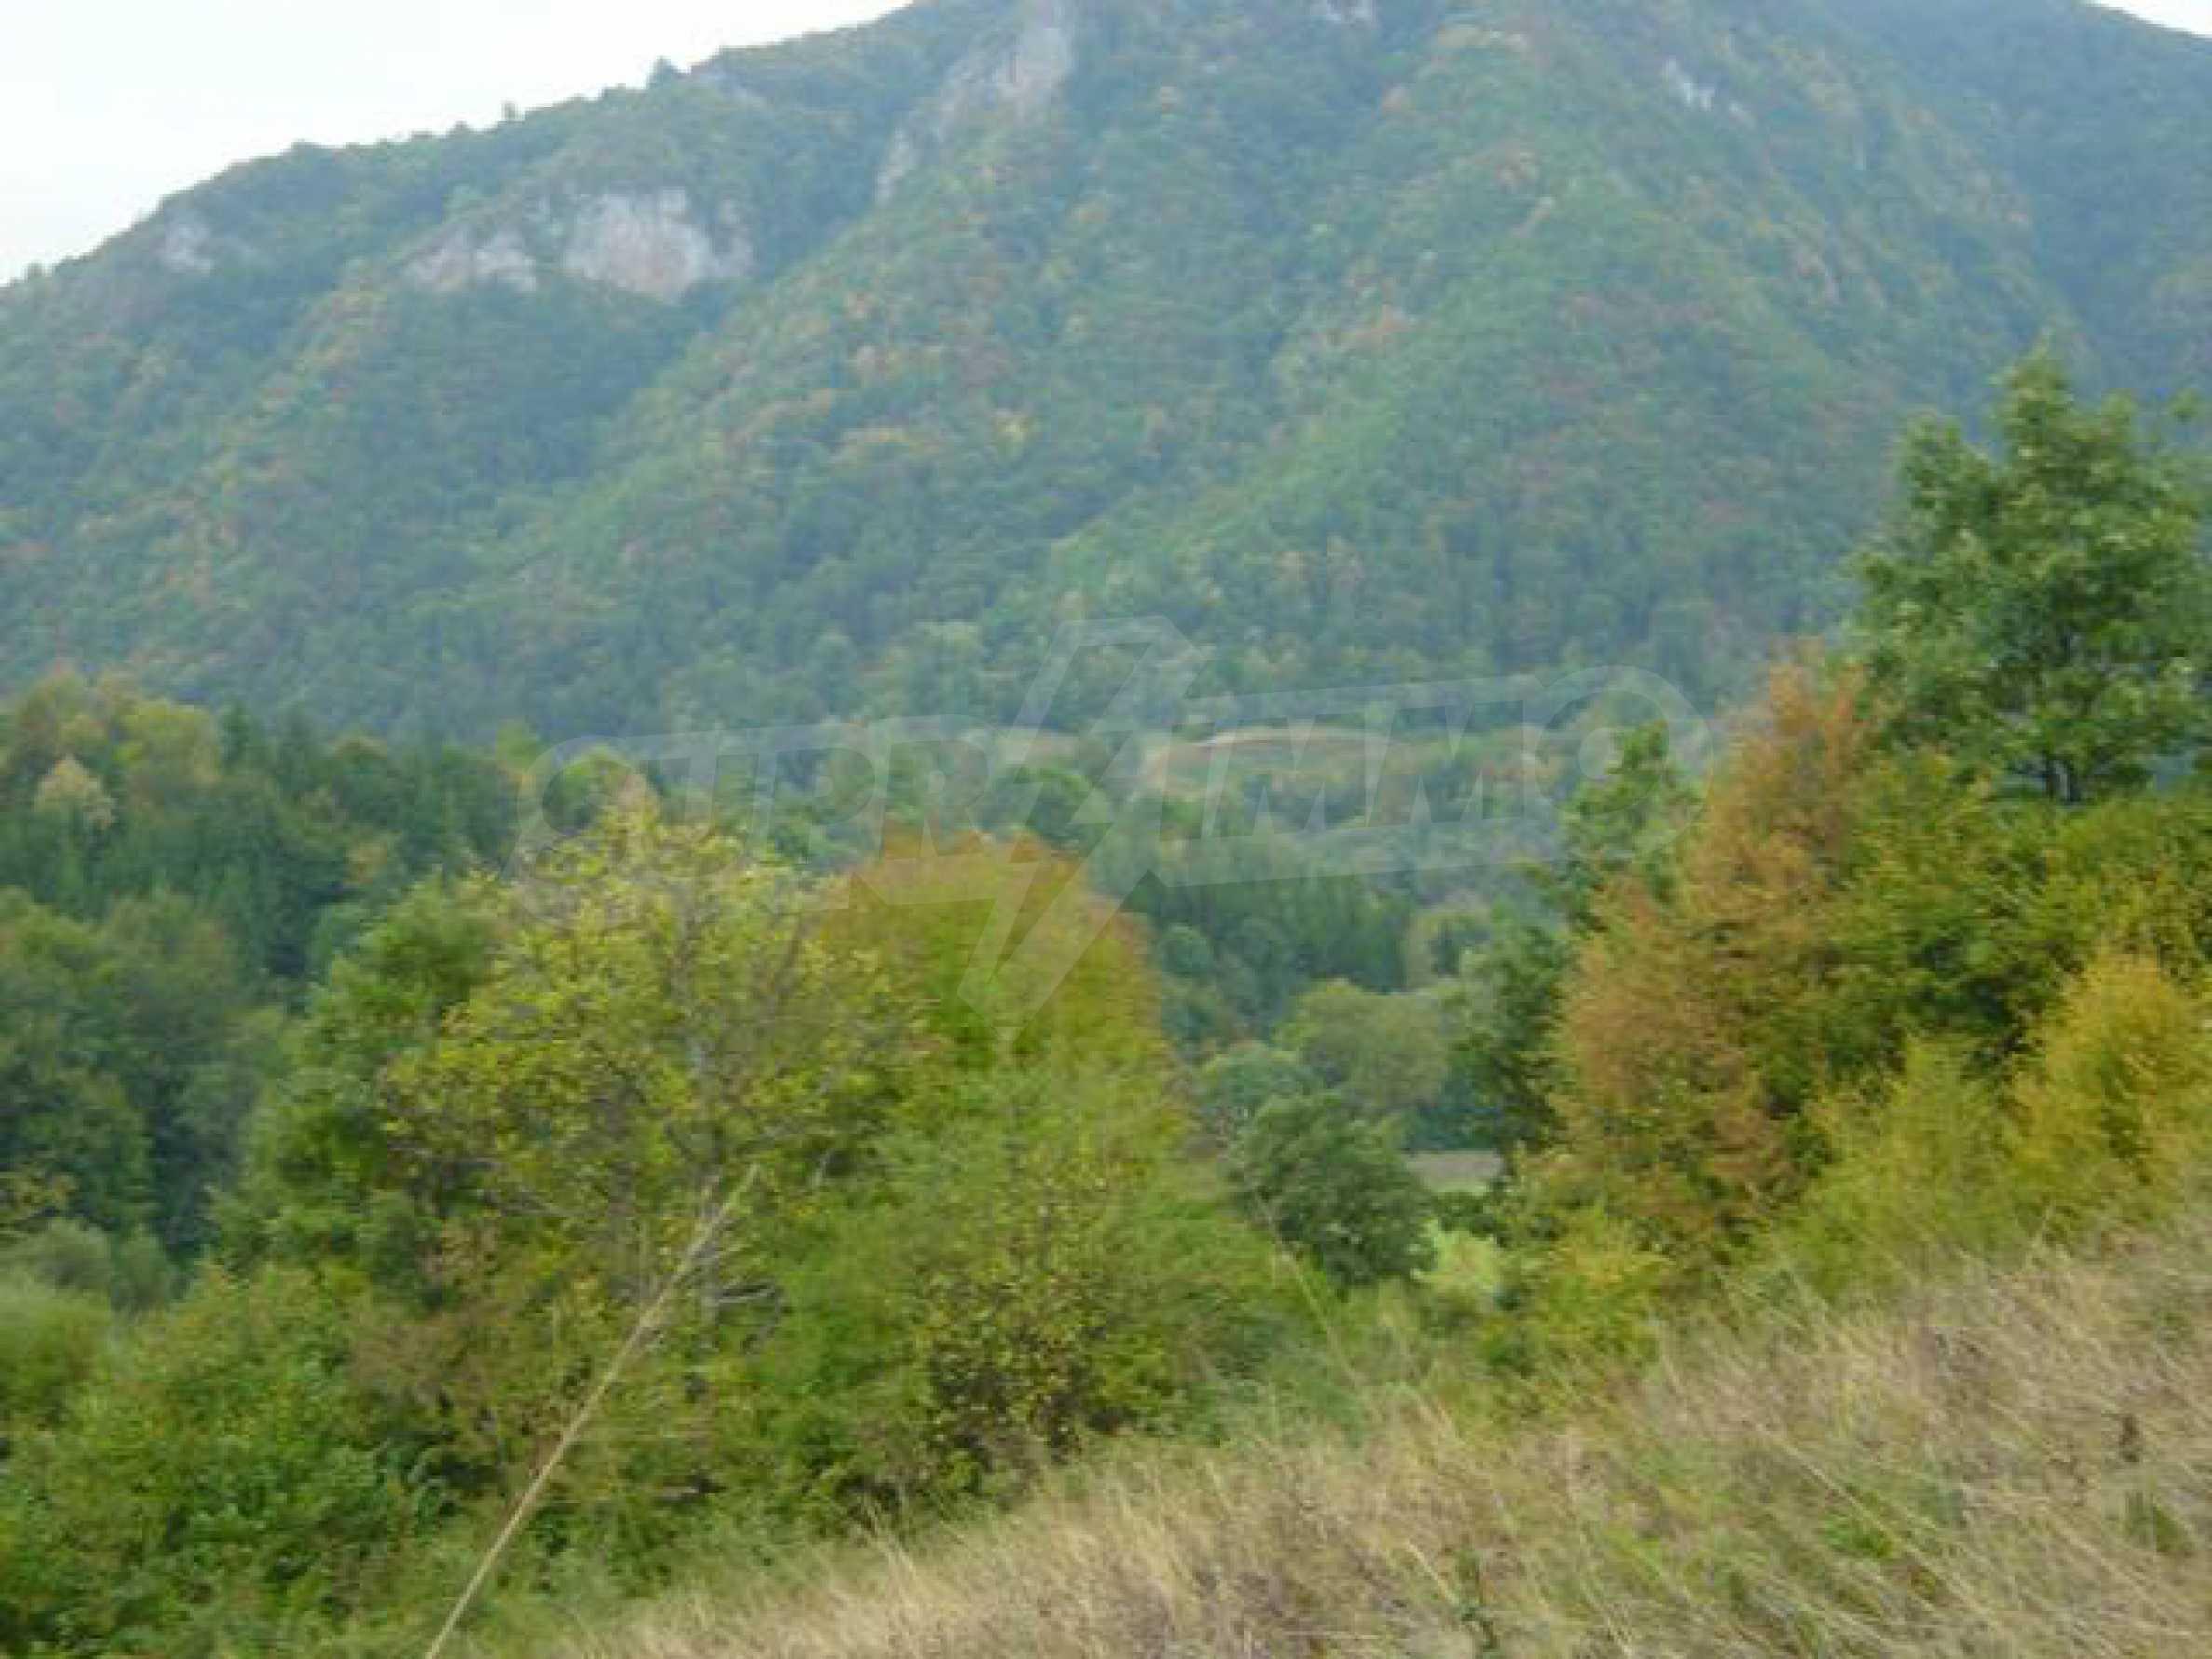 Ackerland inmitten der wunderschönen Natur des Teteven Balkan 3